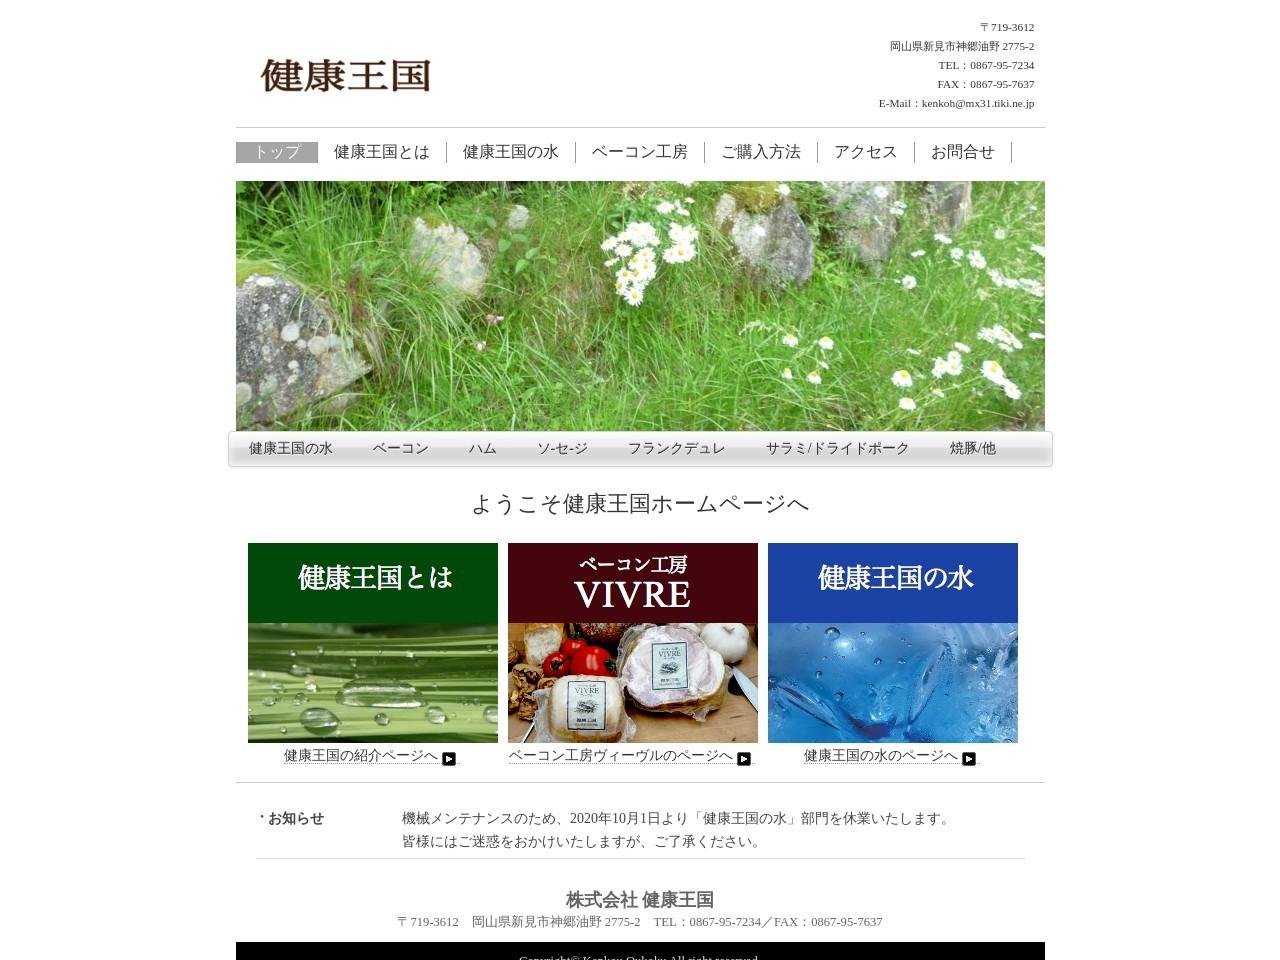 健康王国|ベーコン工房VIVREヴィーヴル|トップページ